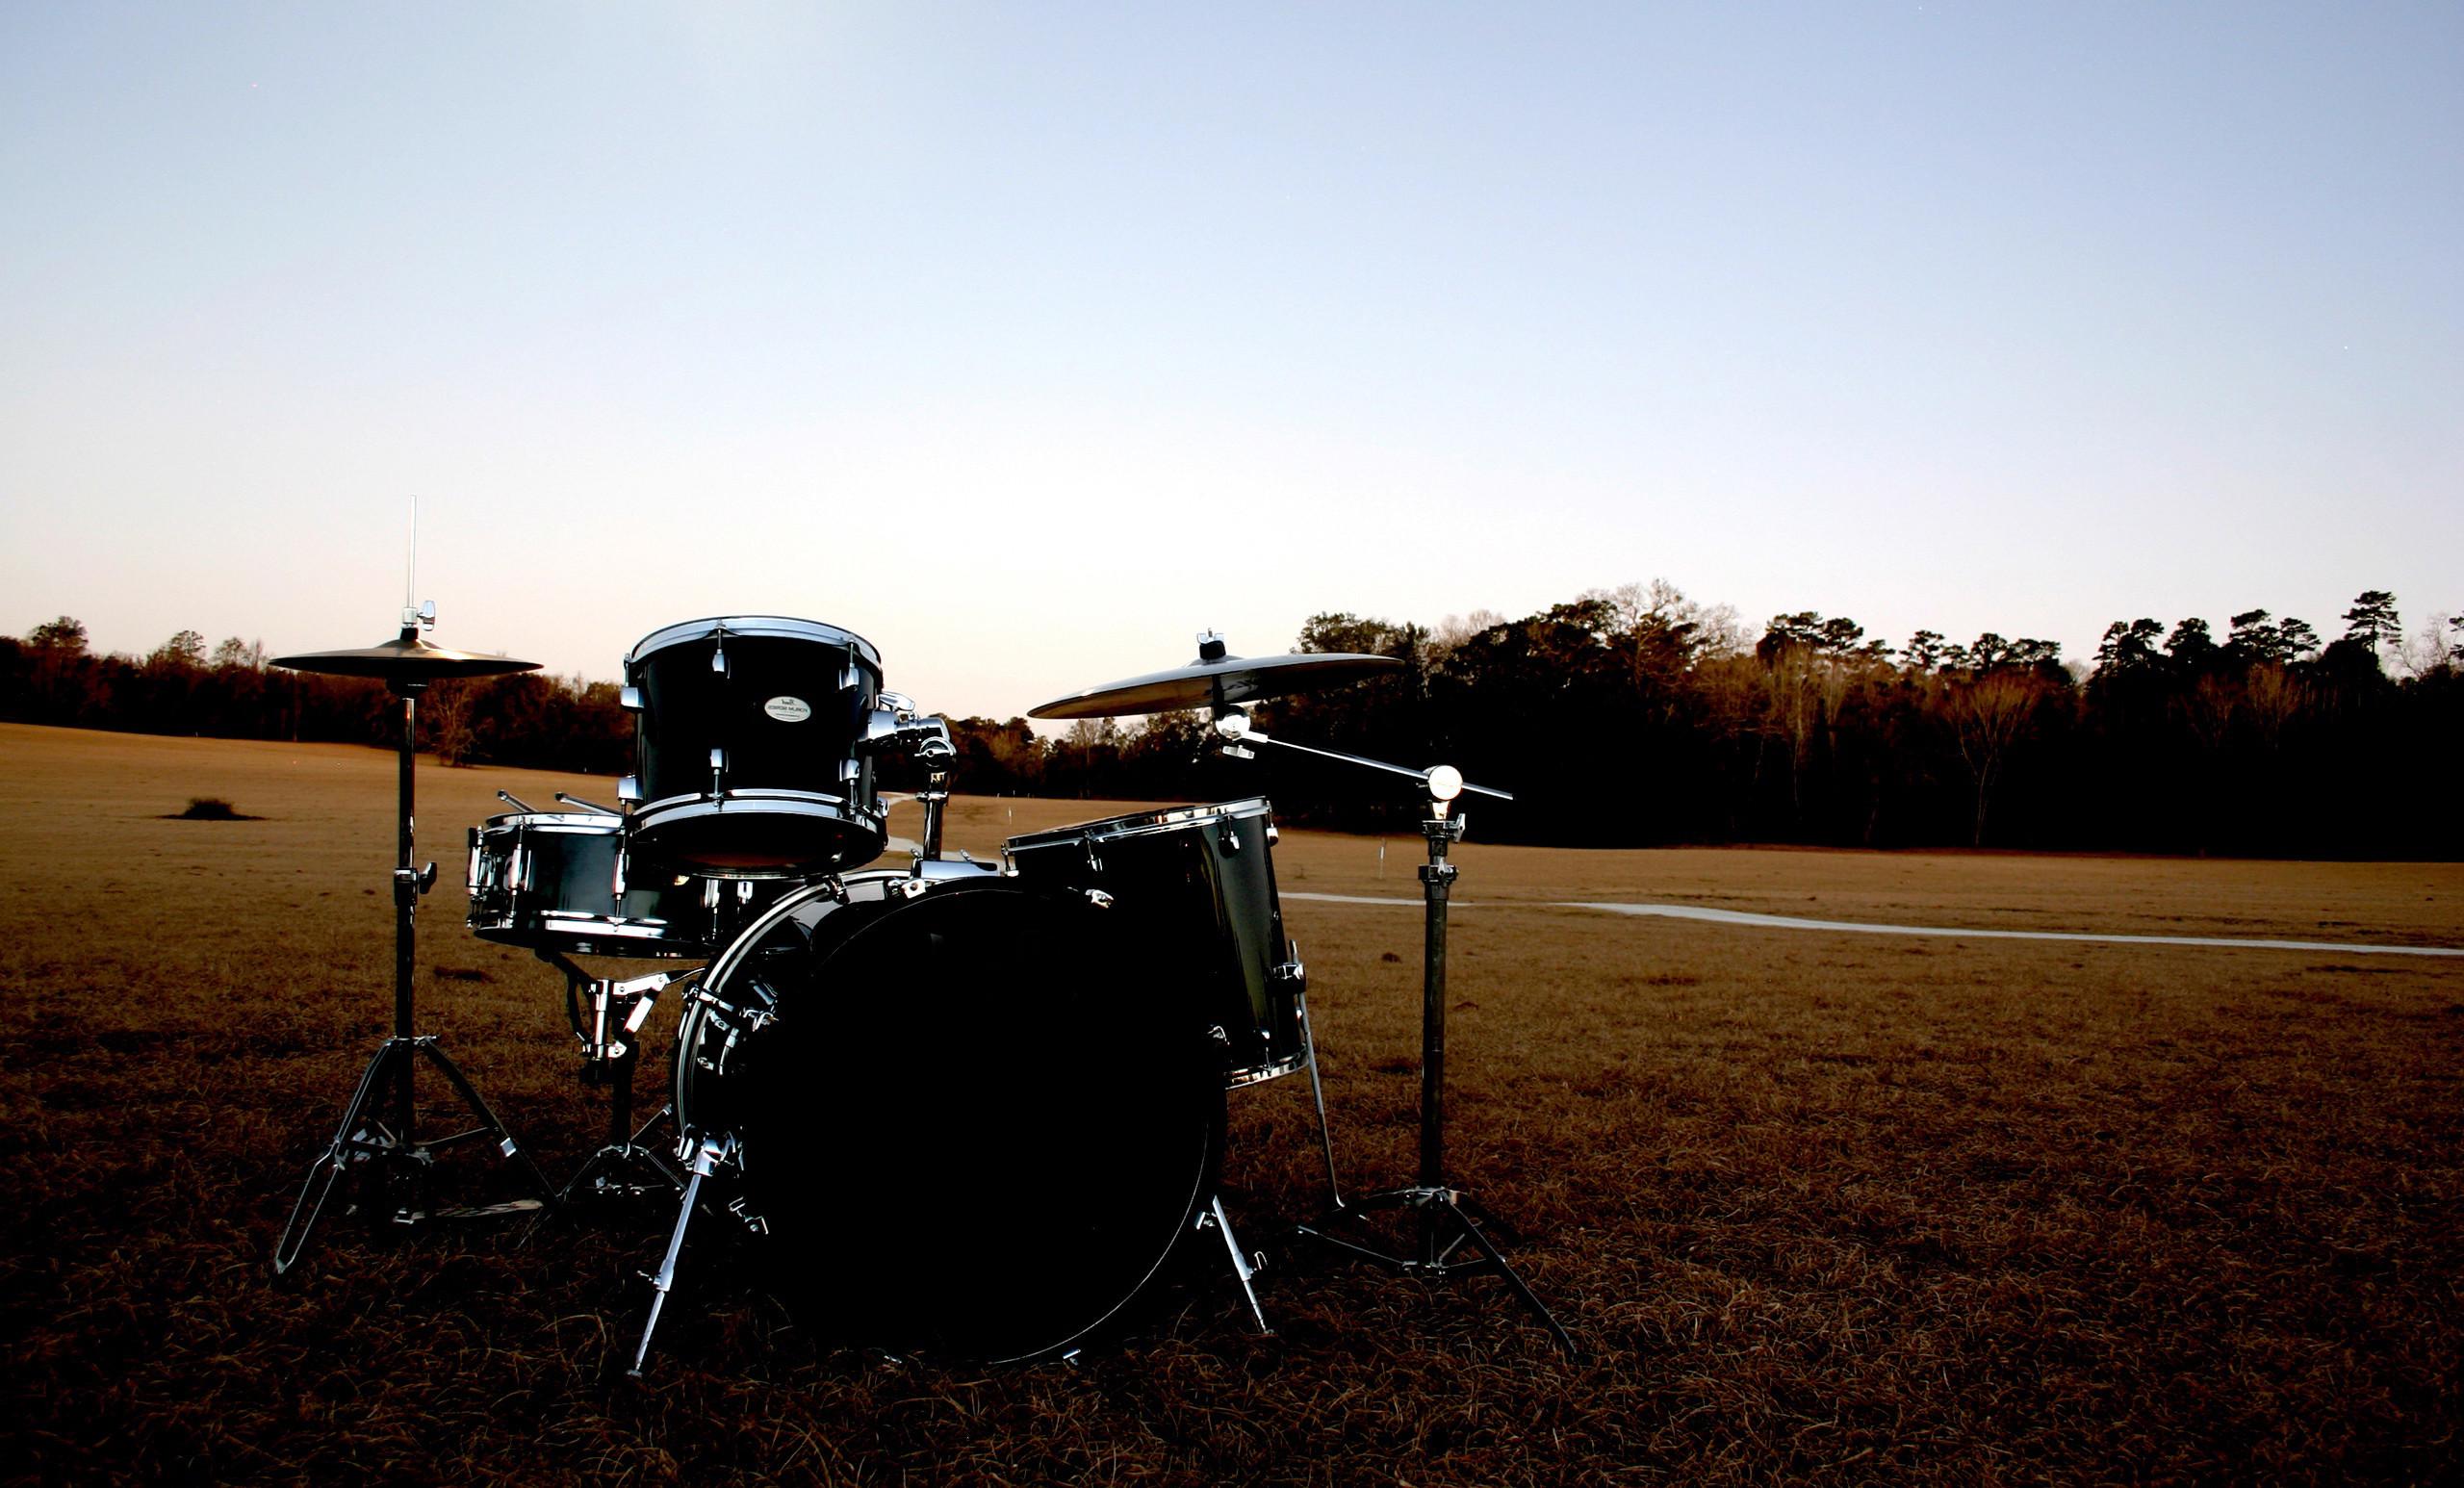 Drummer Wallpaper 58 Images